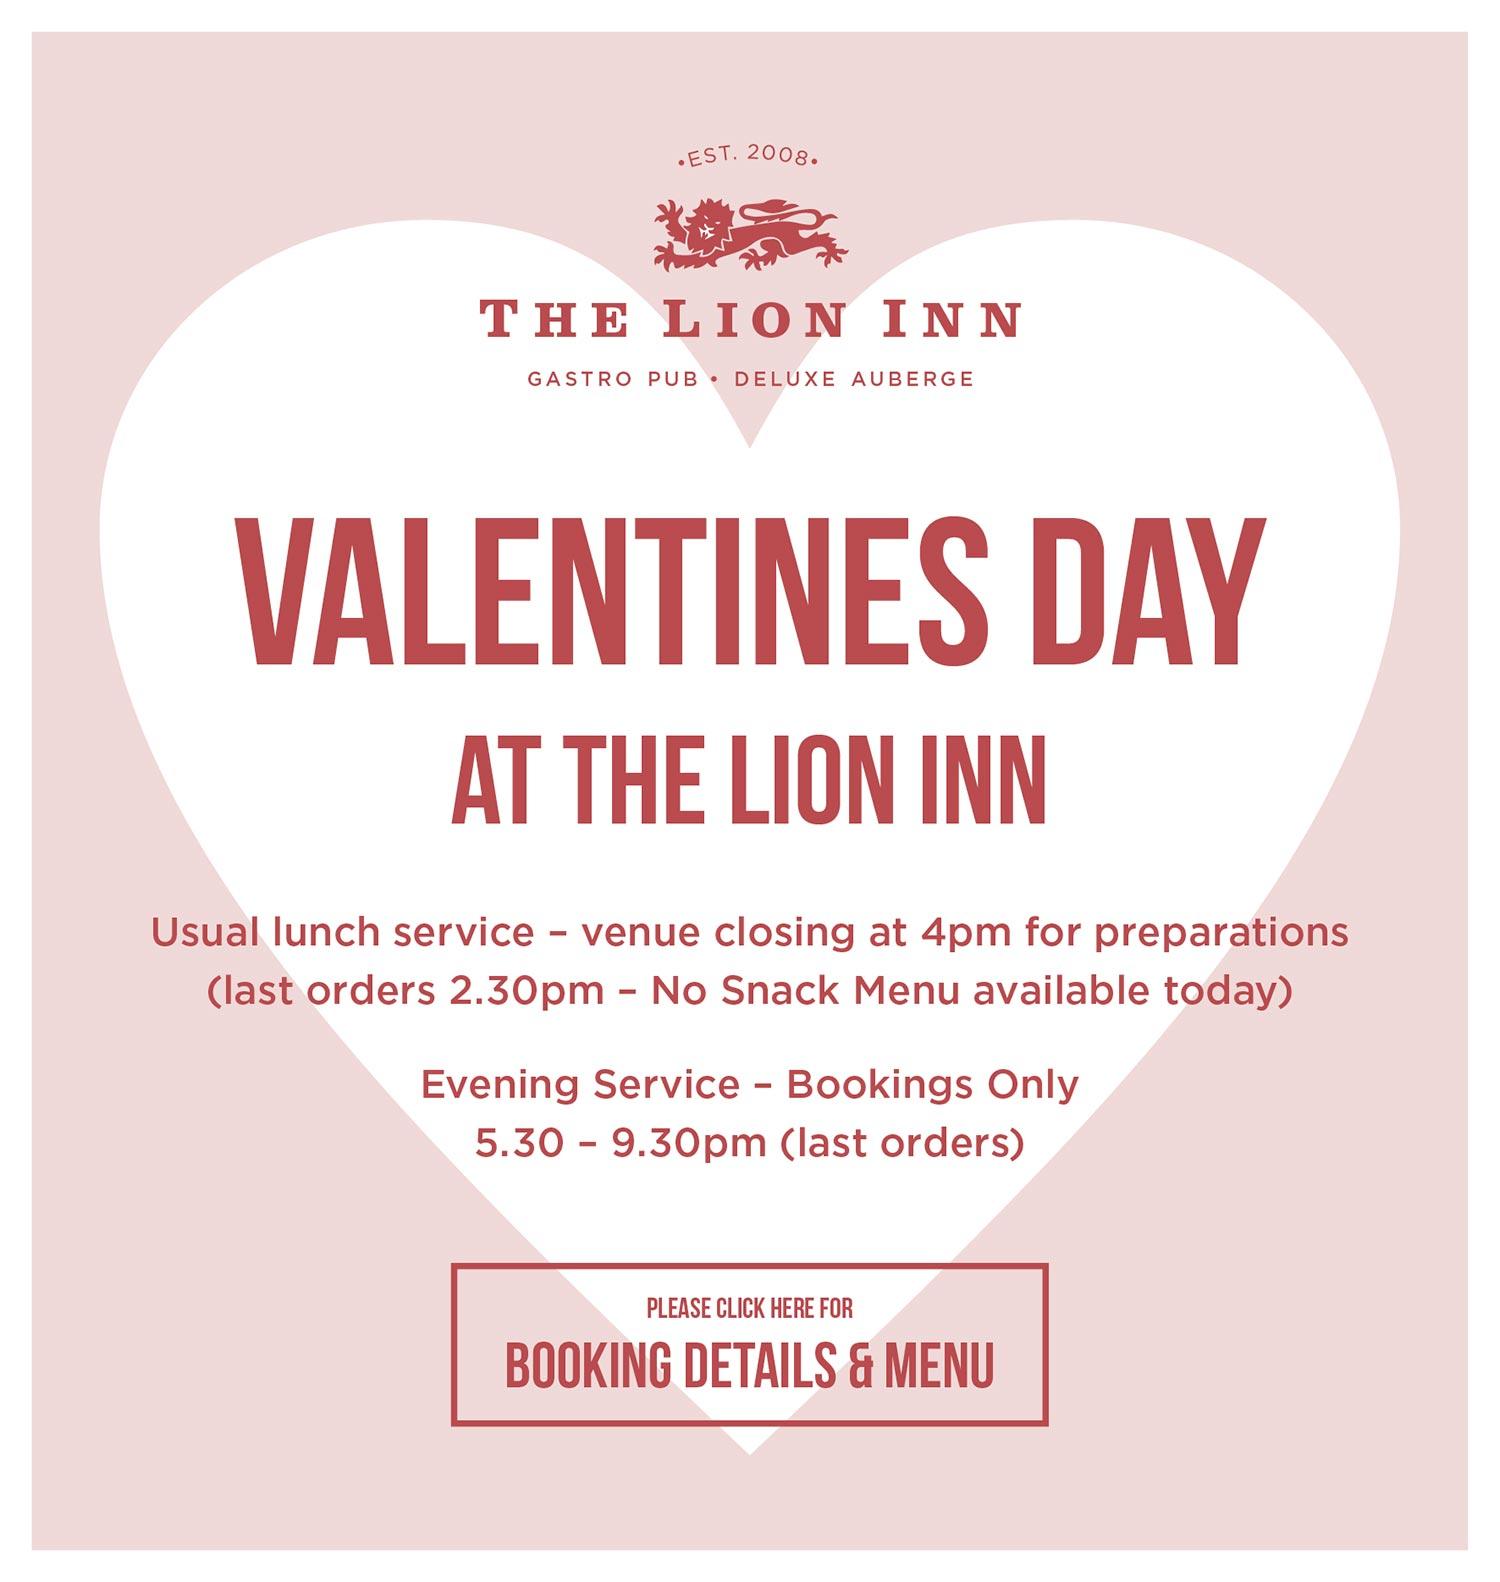 LionInn – Valentines 2018